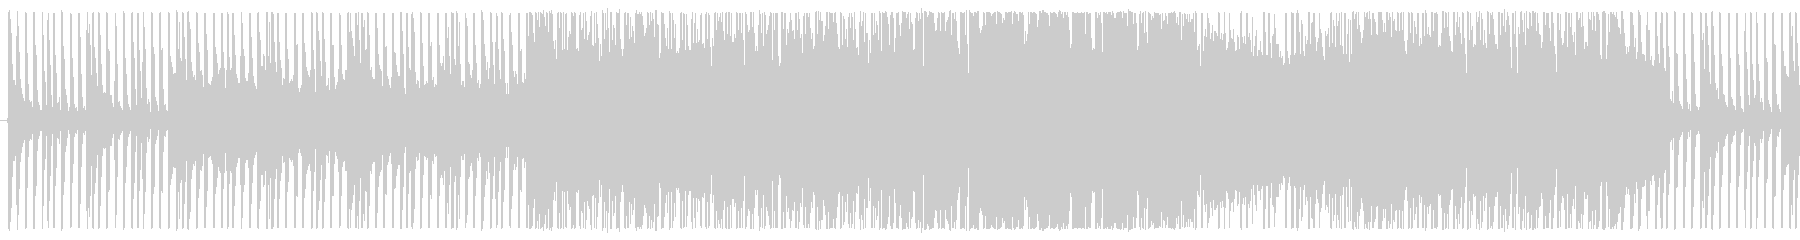 RPG向けバトル曲(ループ仕様)の未再生の波形